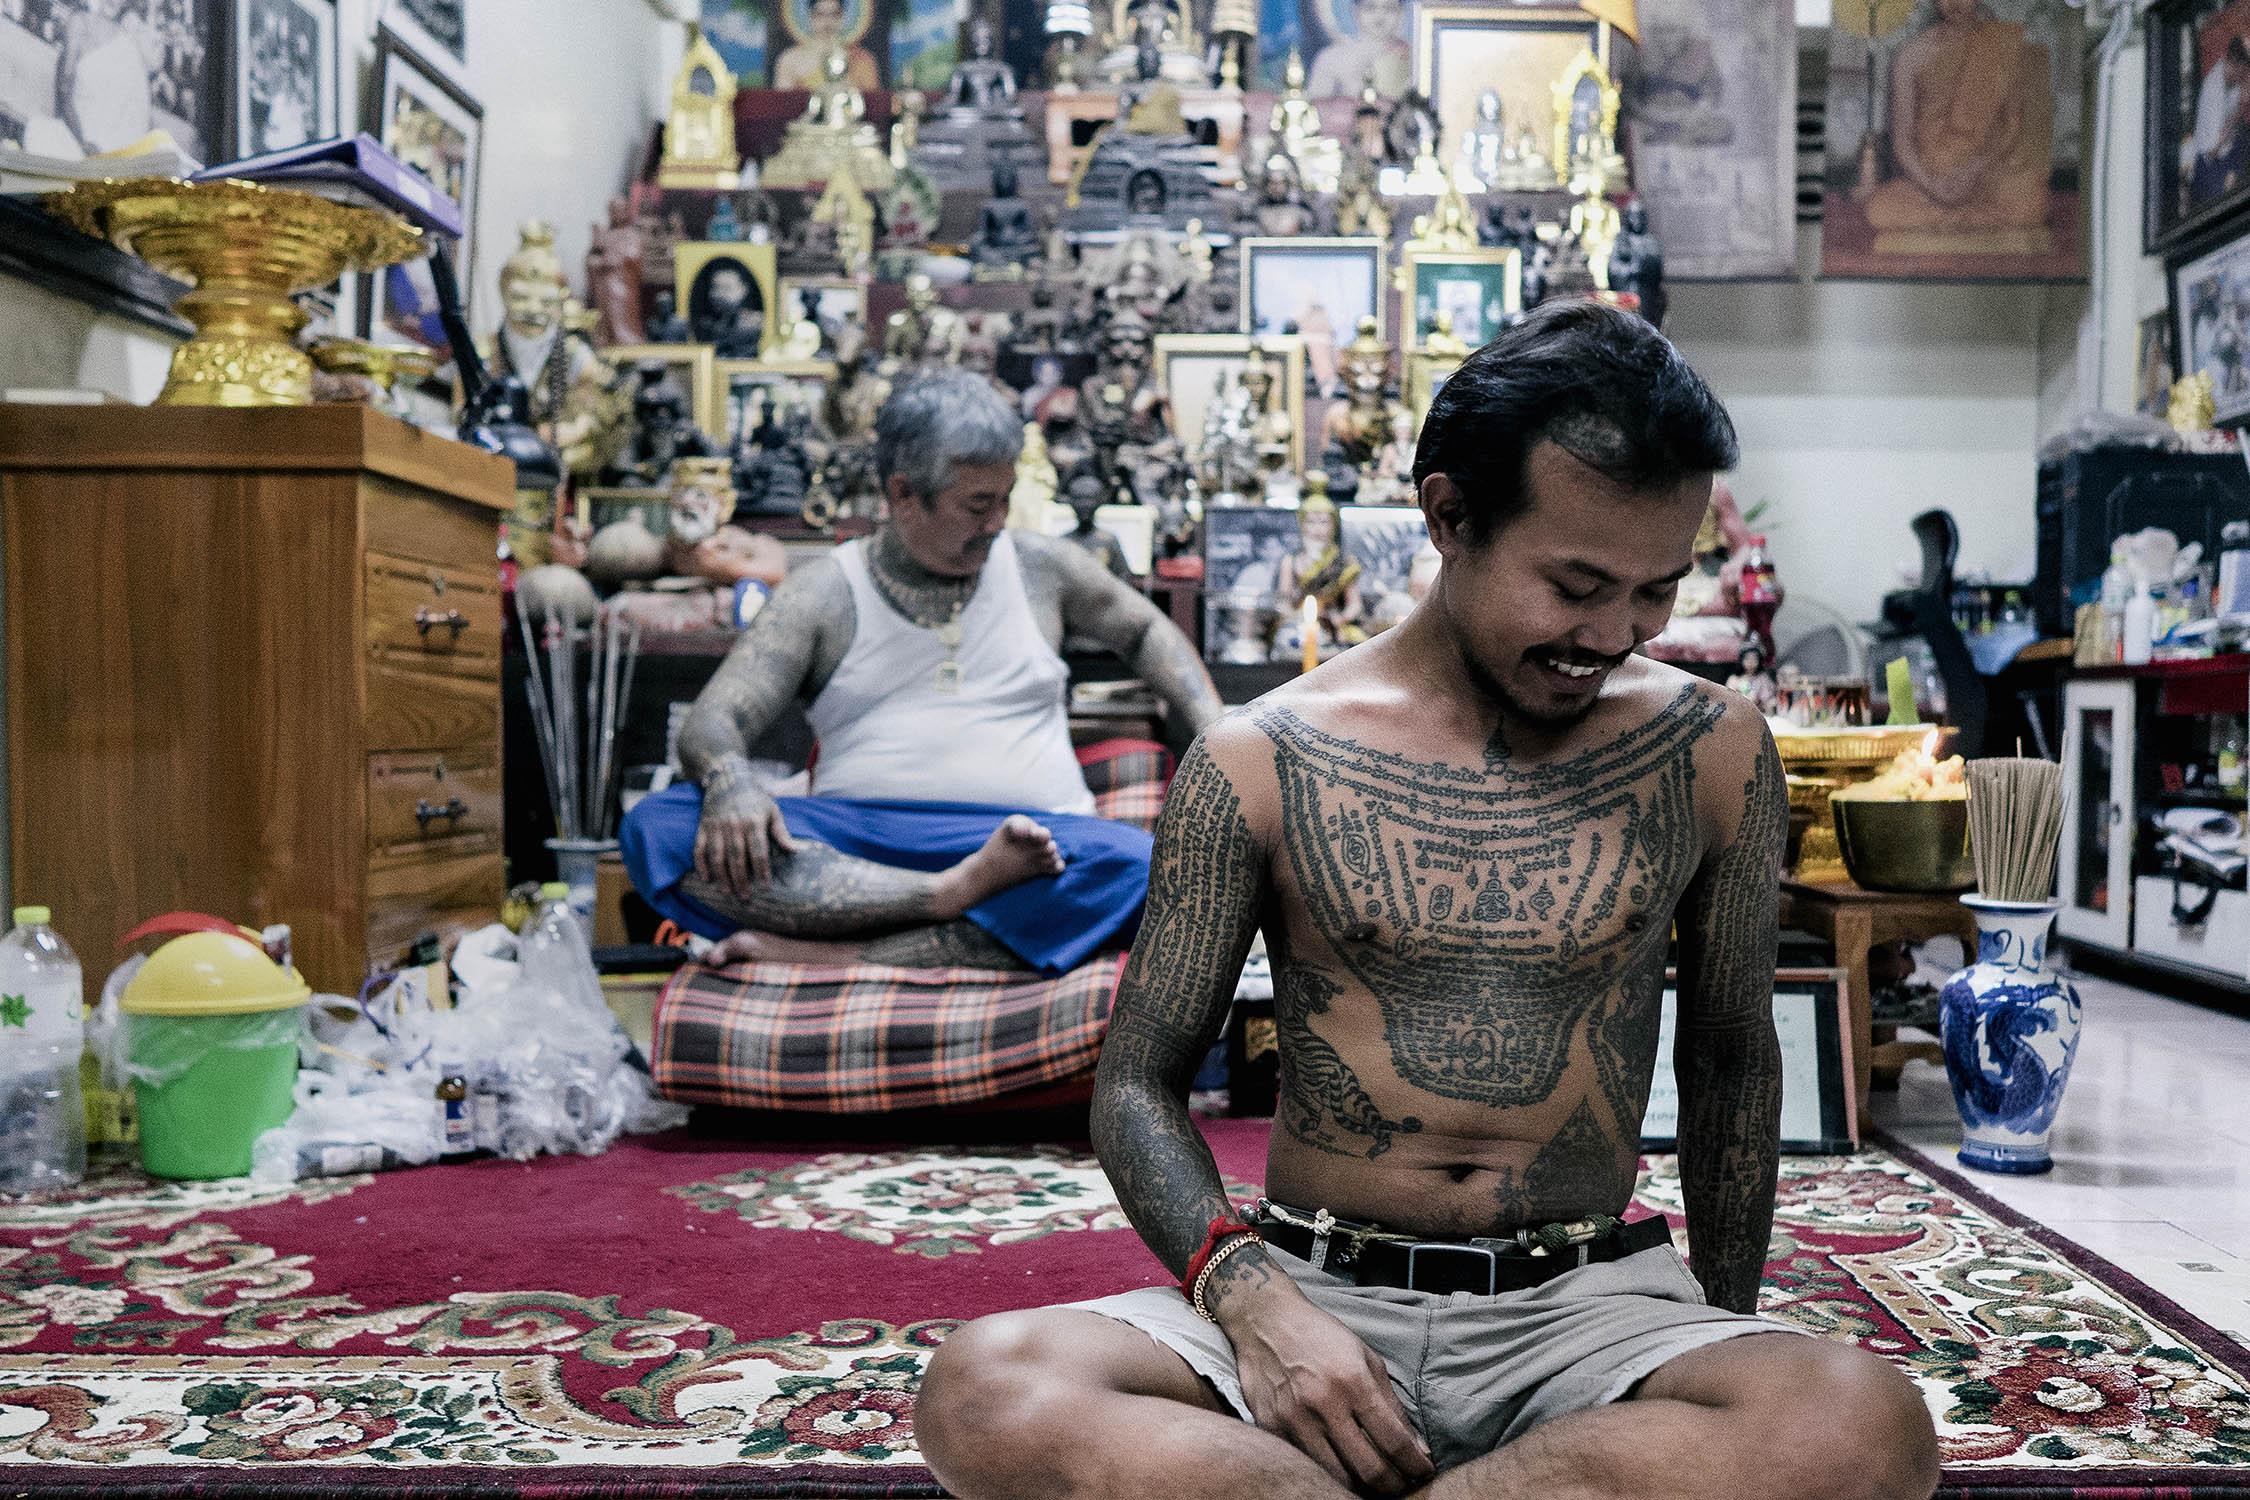 Boy sak yant tattoo